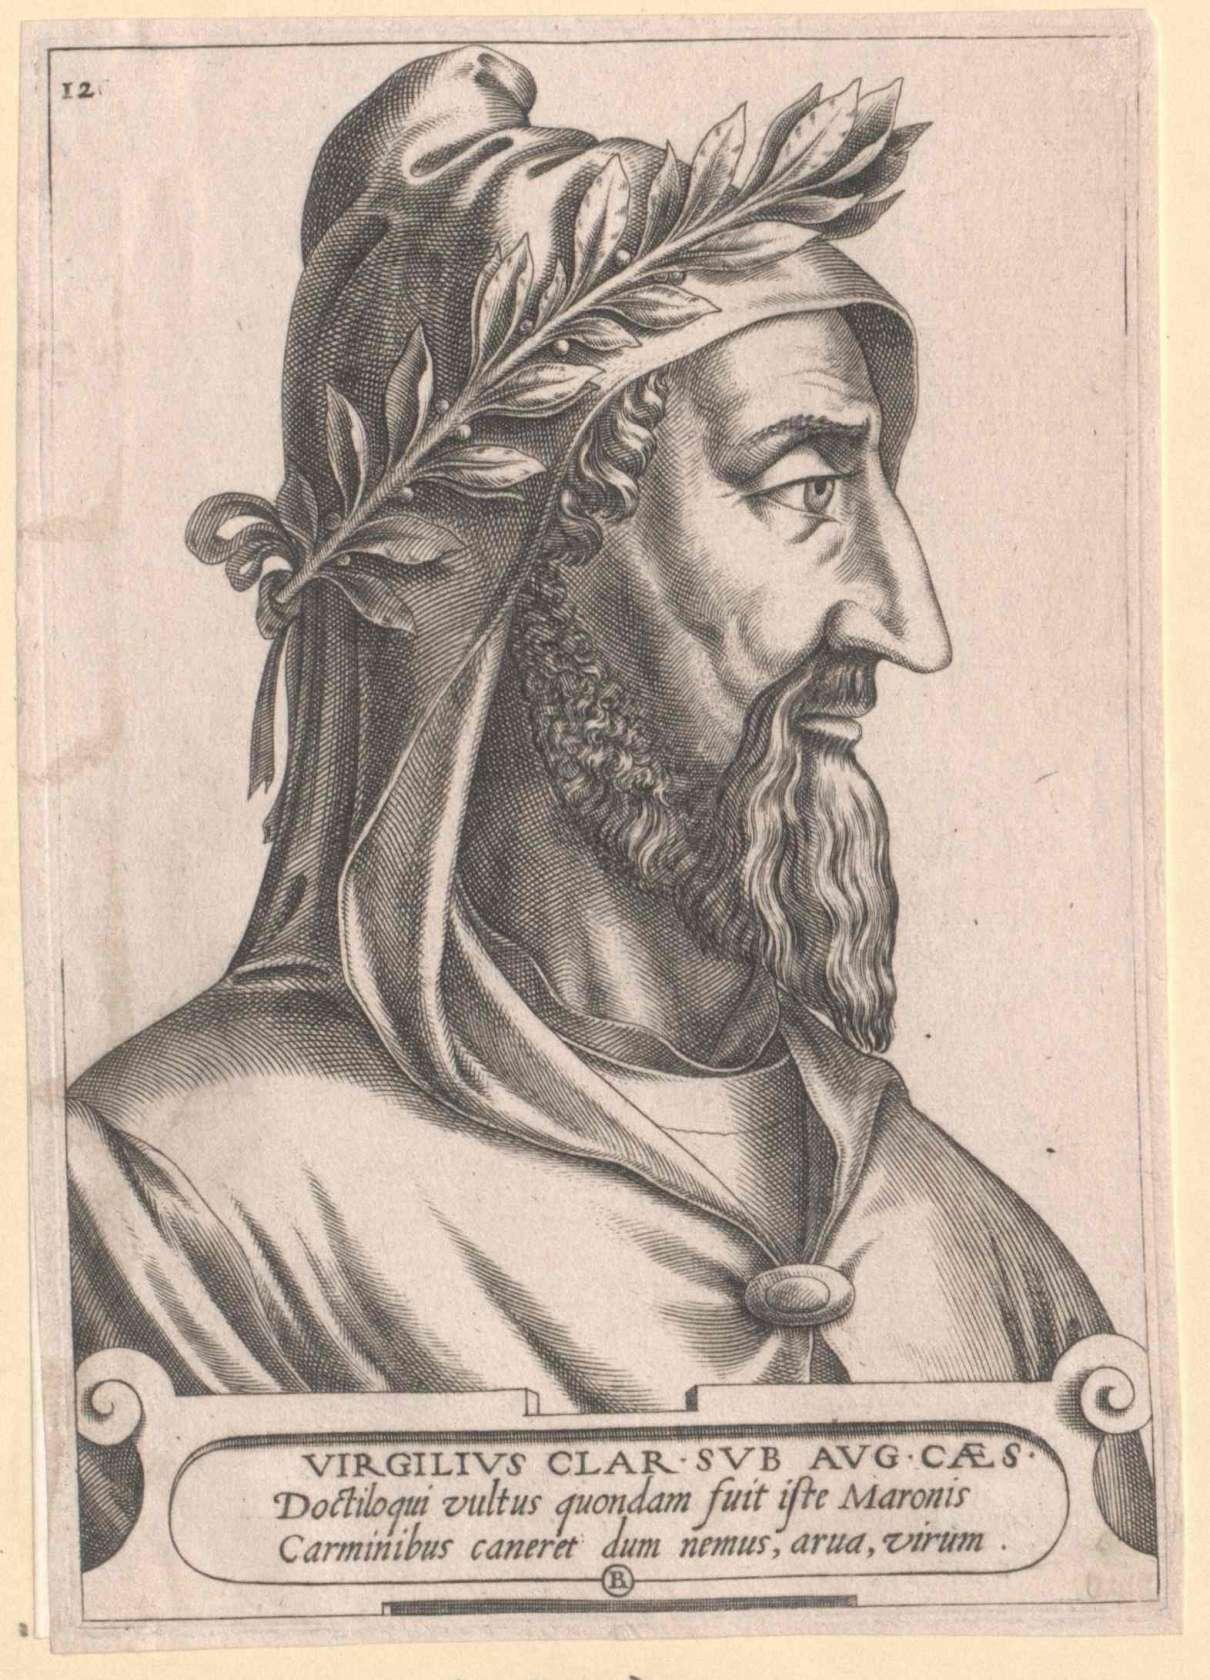 Ο Πόπλιος Βιργίλιος Μάρων (Publius Vergilius Maro, 15 Οκτωβρίου 70 π.Χ. - 21 Σεπτεμβρίου 19 π.Χ.), ο οποίος αποκαλείται συνήθως Βιργίλιος, ήταν αρχαίος Ρωμαίος ποιητής της περιόδου του Οκταβιανού Αύγουστου. Το σημαντικότερο ίσως έργο του, η Αινειάδα, θεωρείται το σπουδαιότερο έπος της Ρωμαϊκής Αυτοκρατορίας.